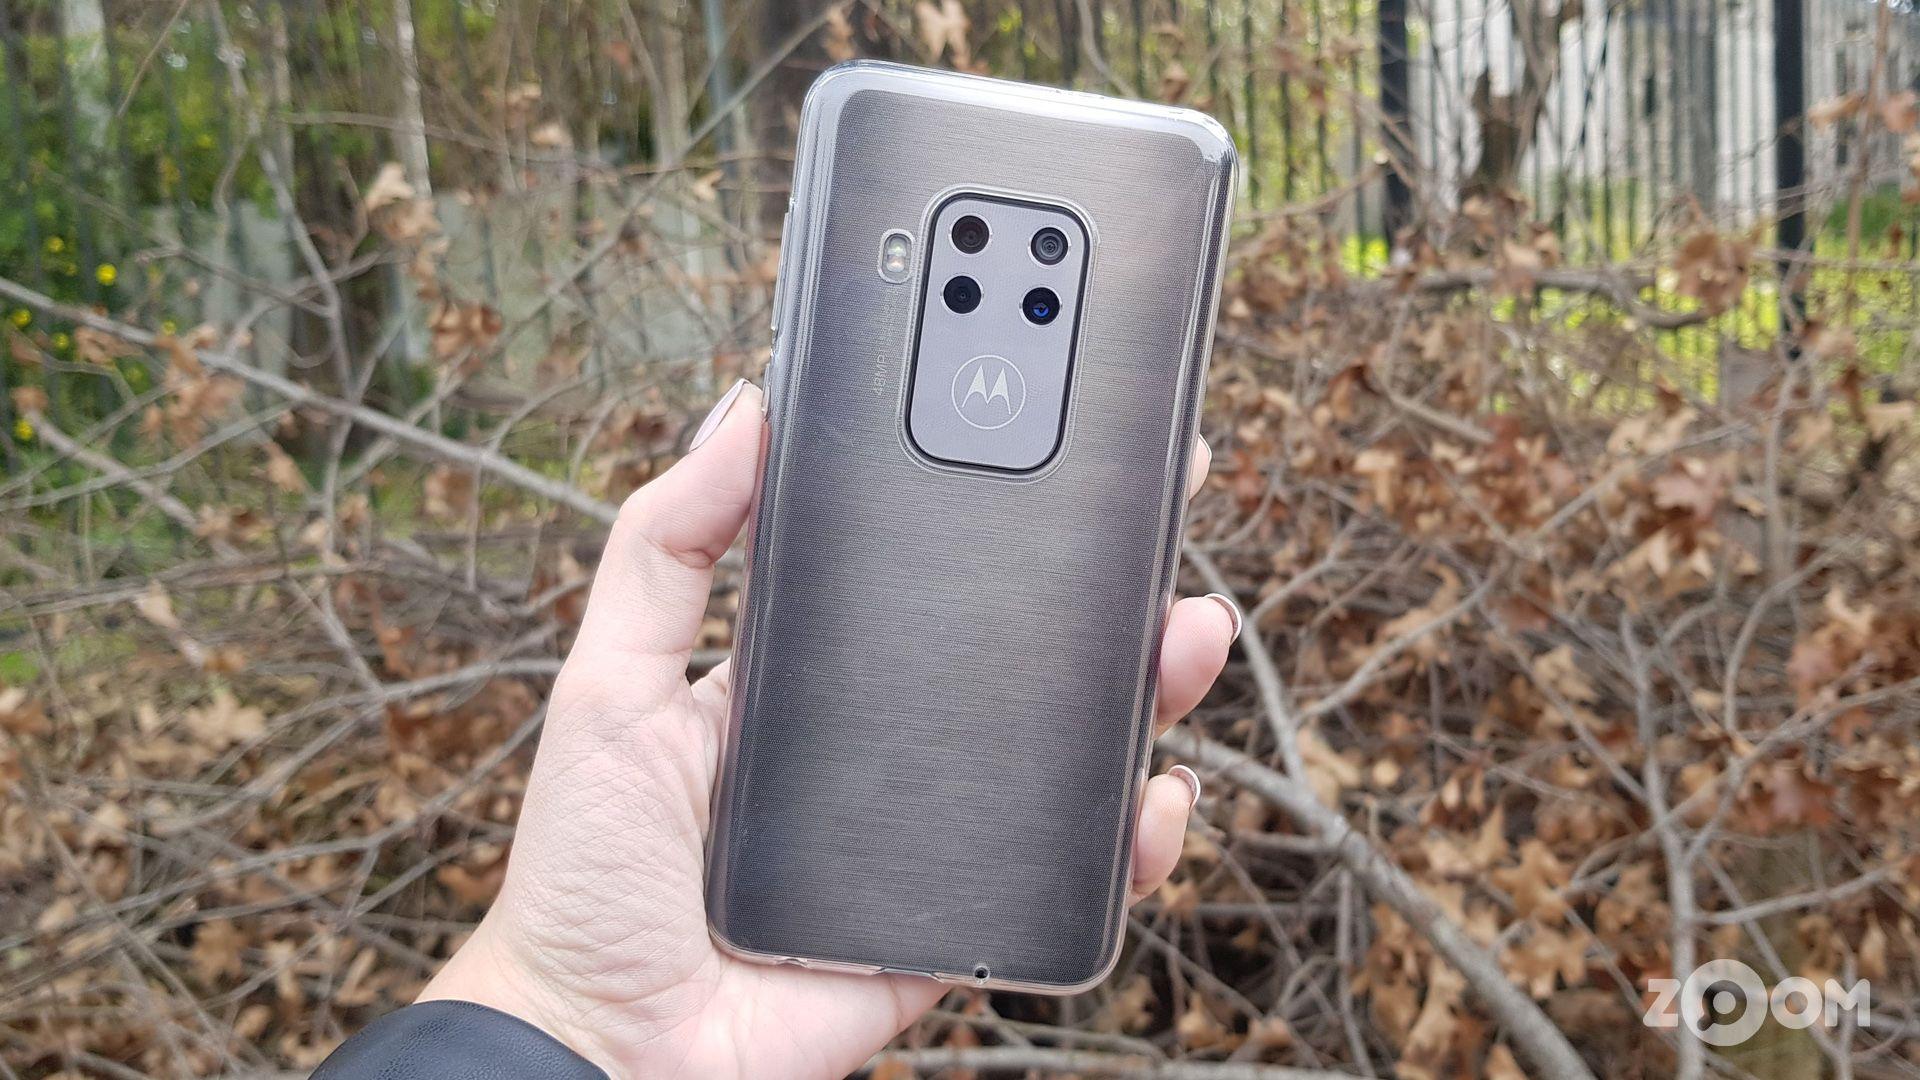 Motorola One Zoom é um dos celulares com melhor custo-benefício em 2020. (Imagem: Ana Marques/Zoom)